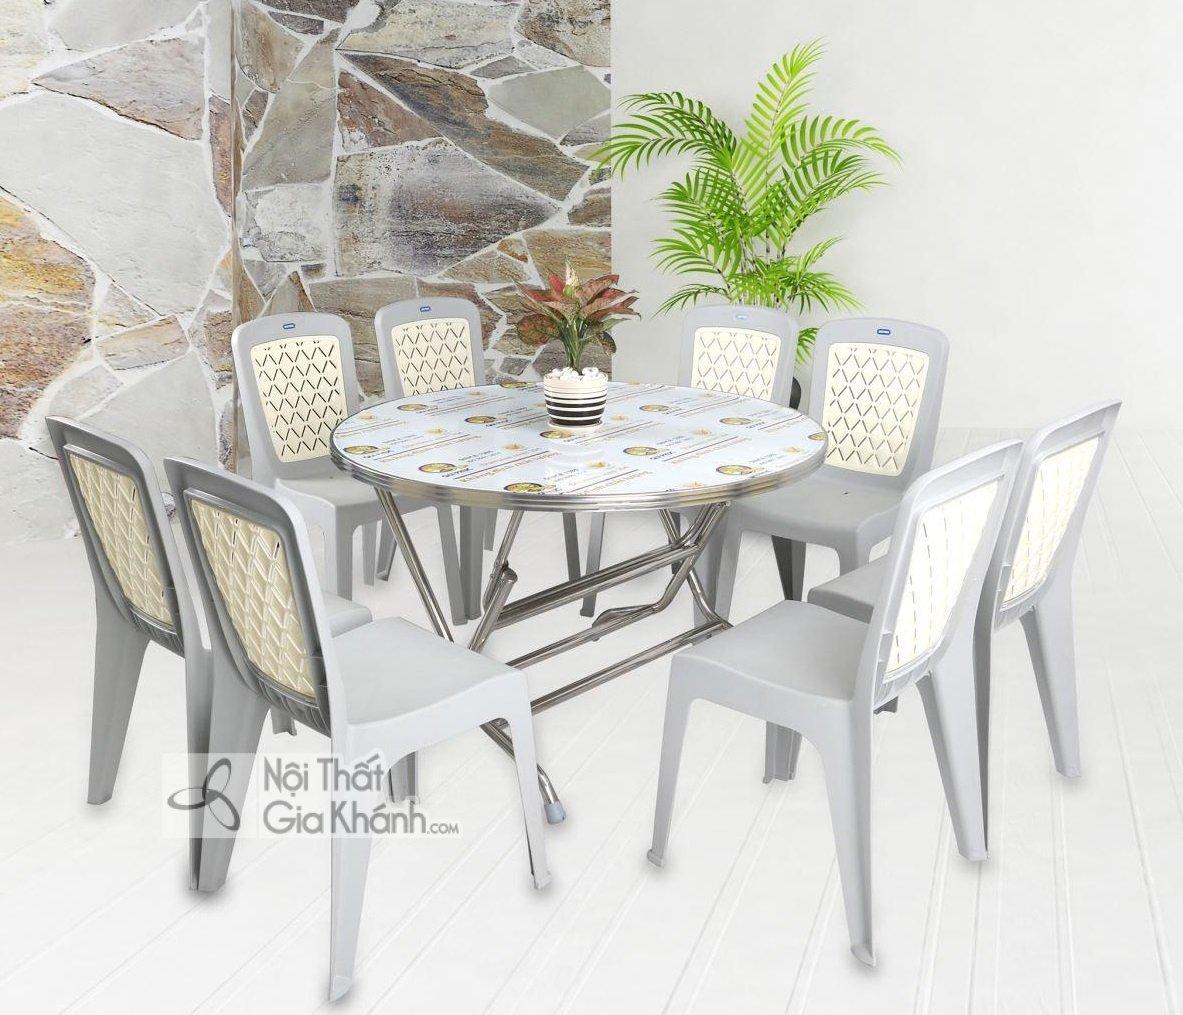 Mẫu ghế ăn bằng nhựa đẹp